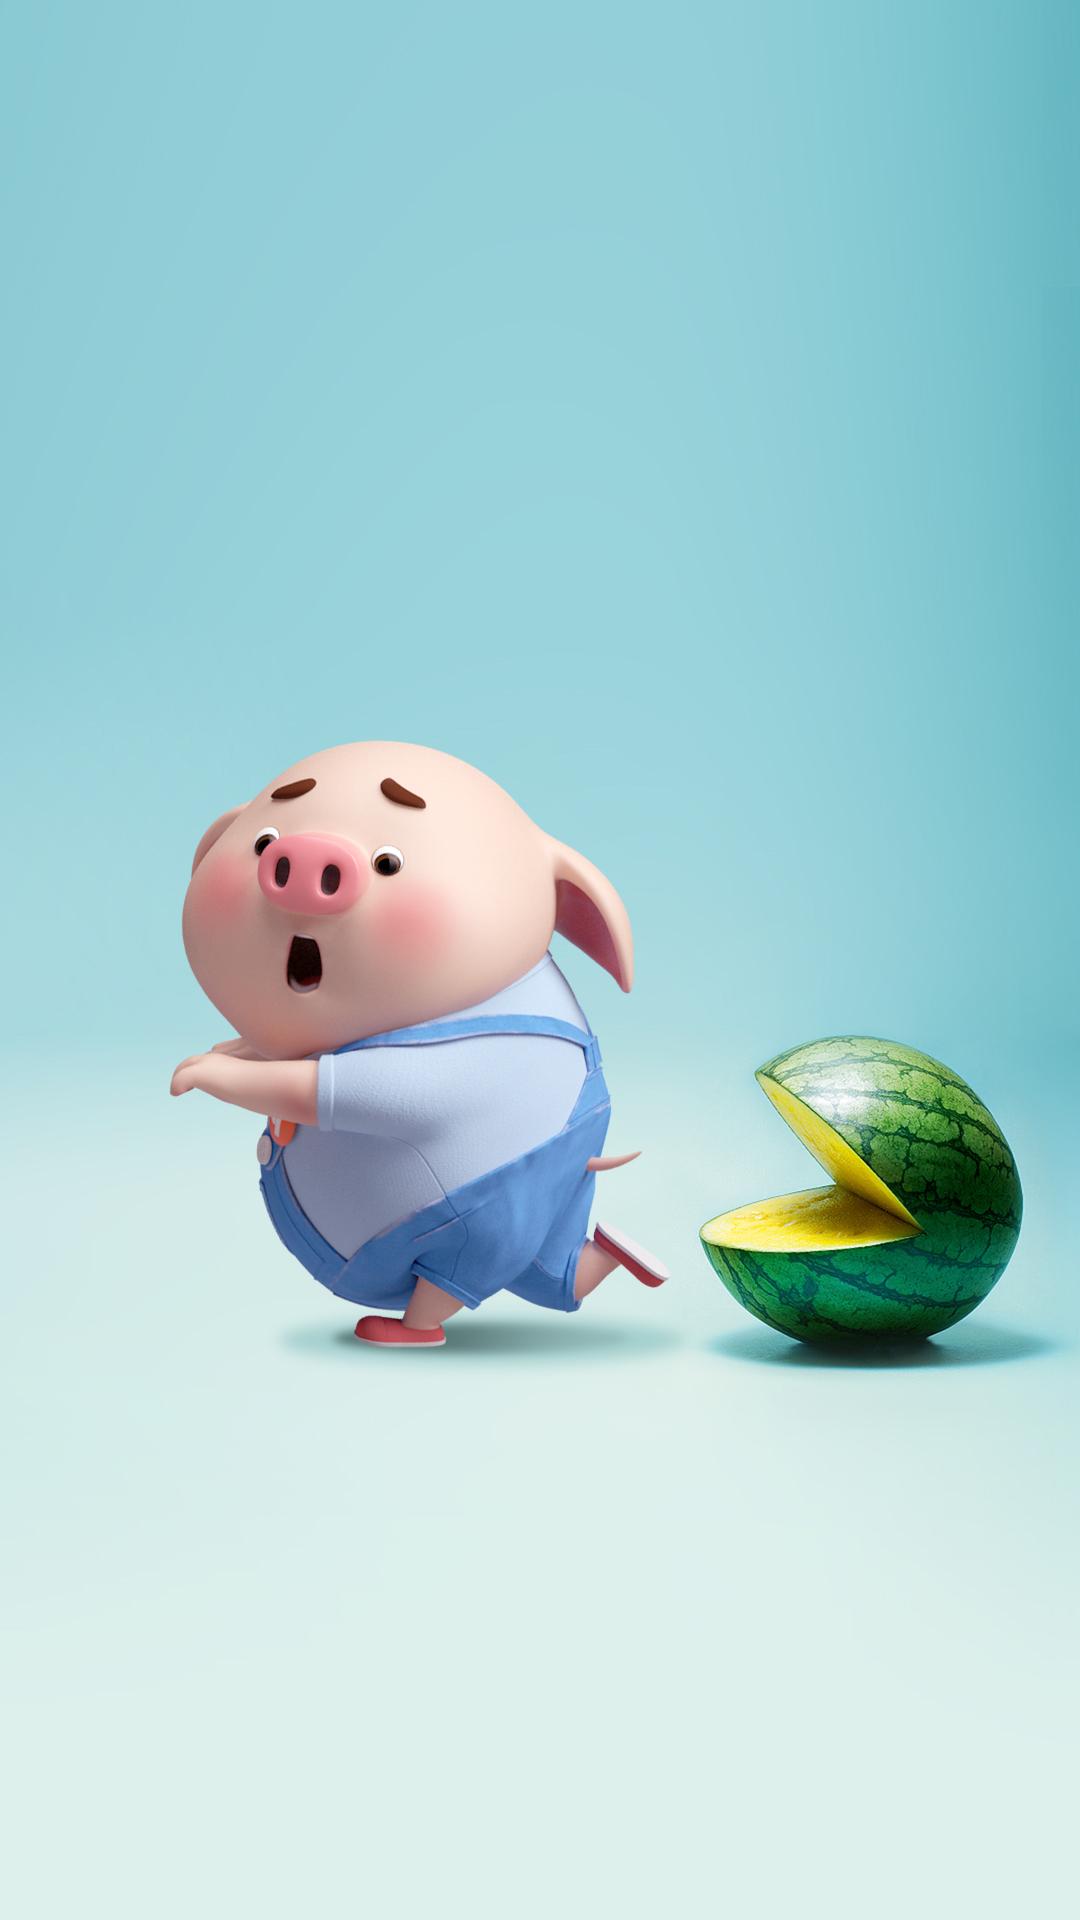 【v粉主题素材壁纸】猪小屁,可爱吗?